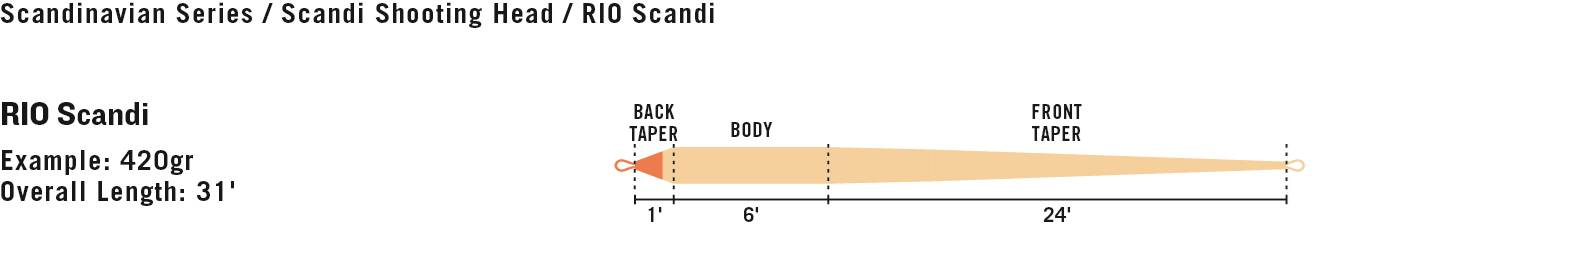 rio-scandi-short-schematic.jpg